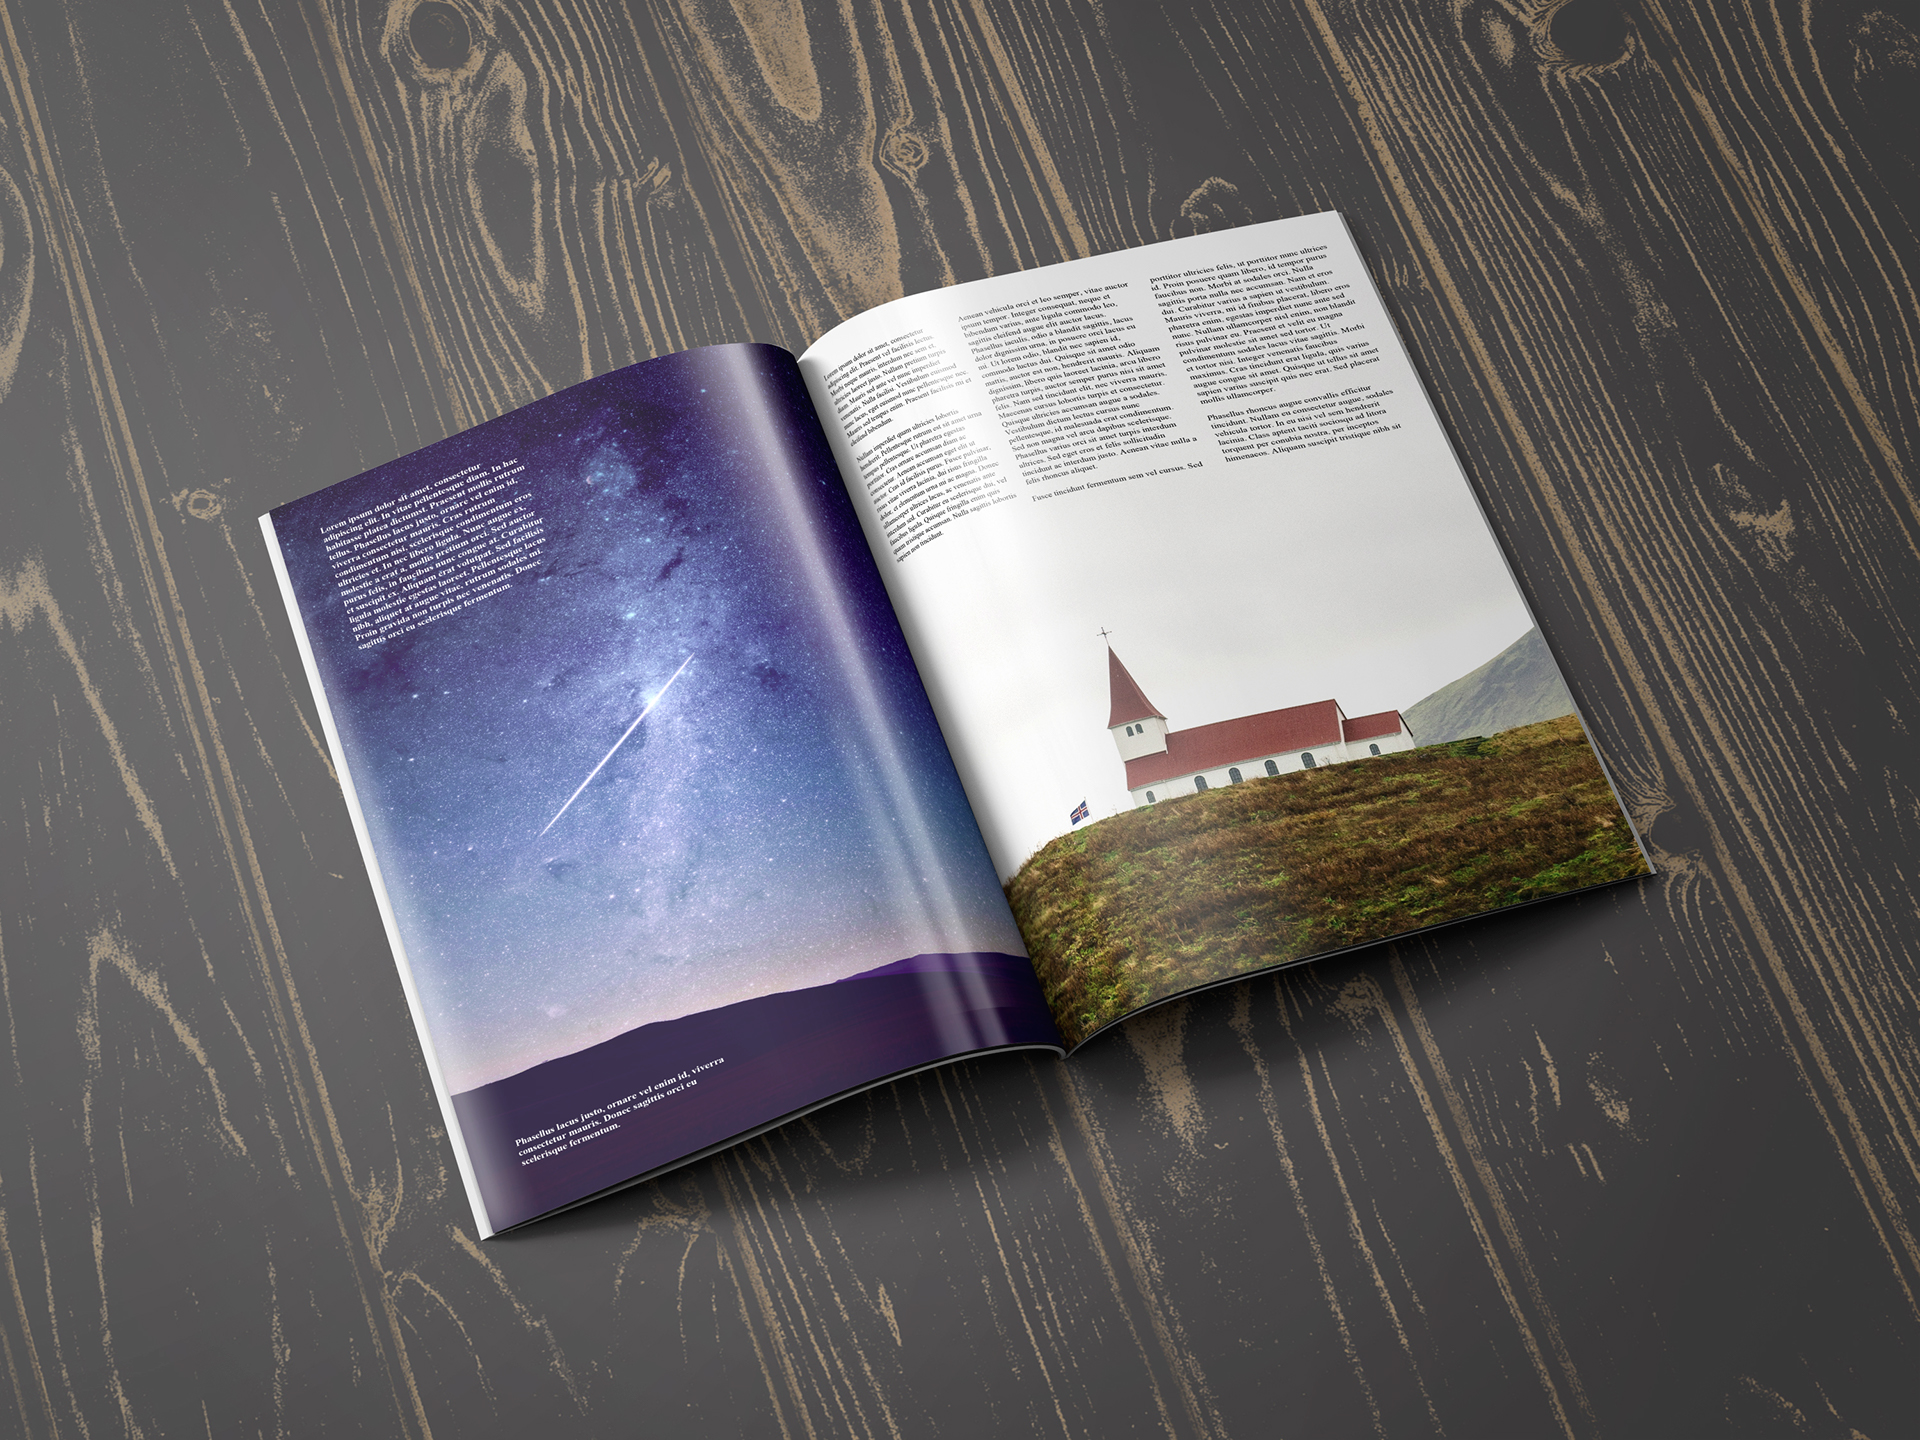 открытка сюрприз-поздравление мокап открытоко журнала находилась